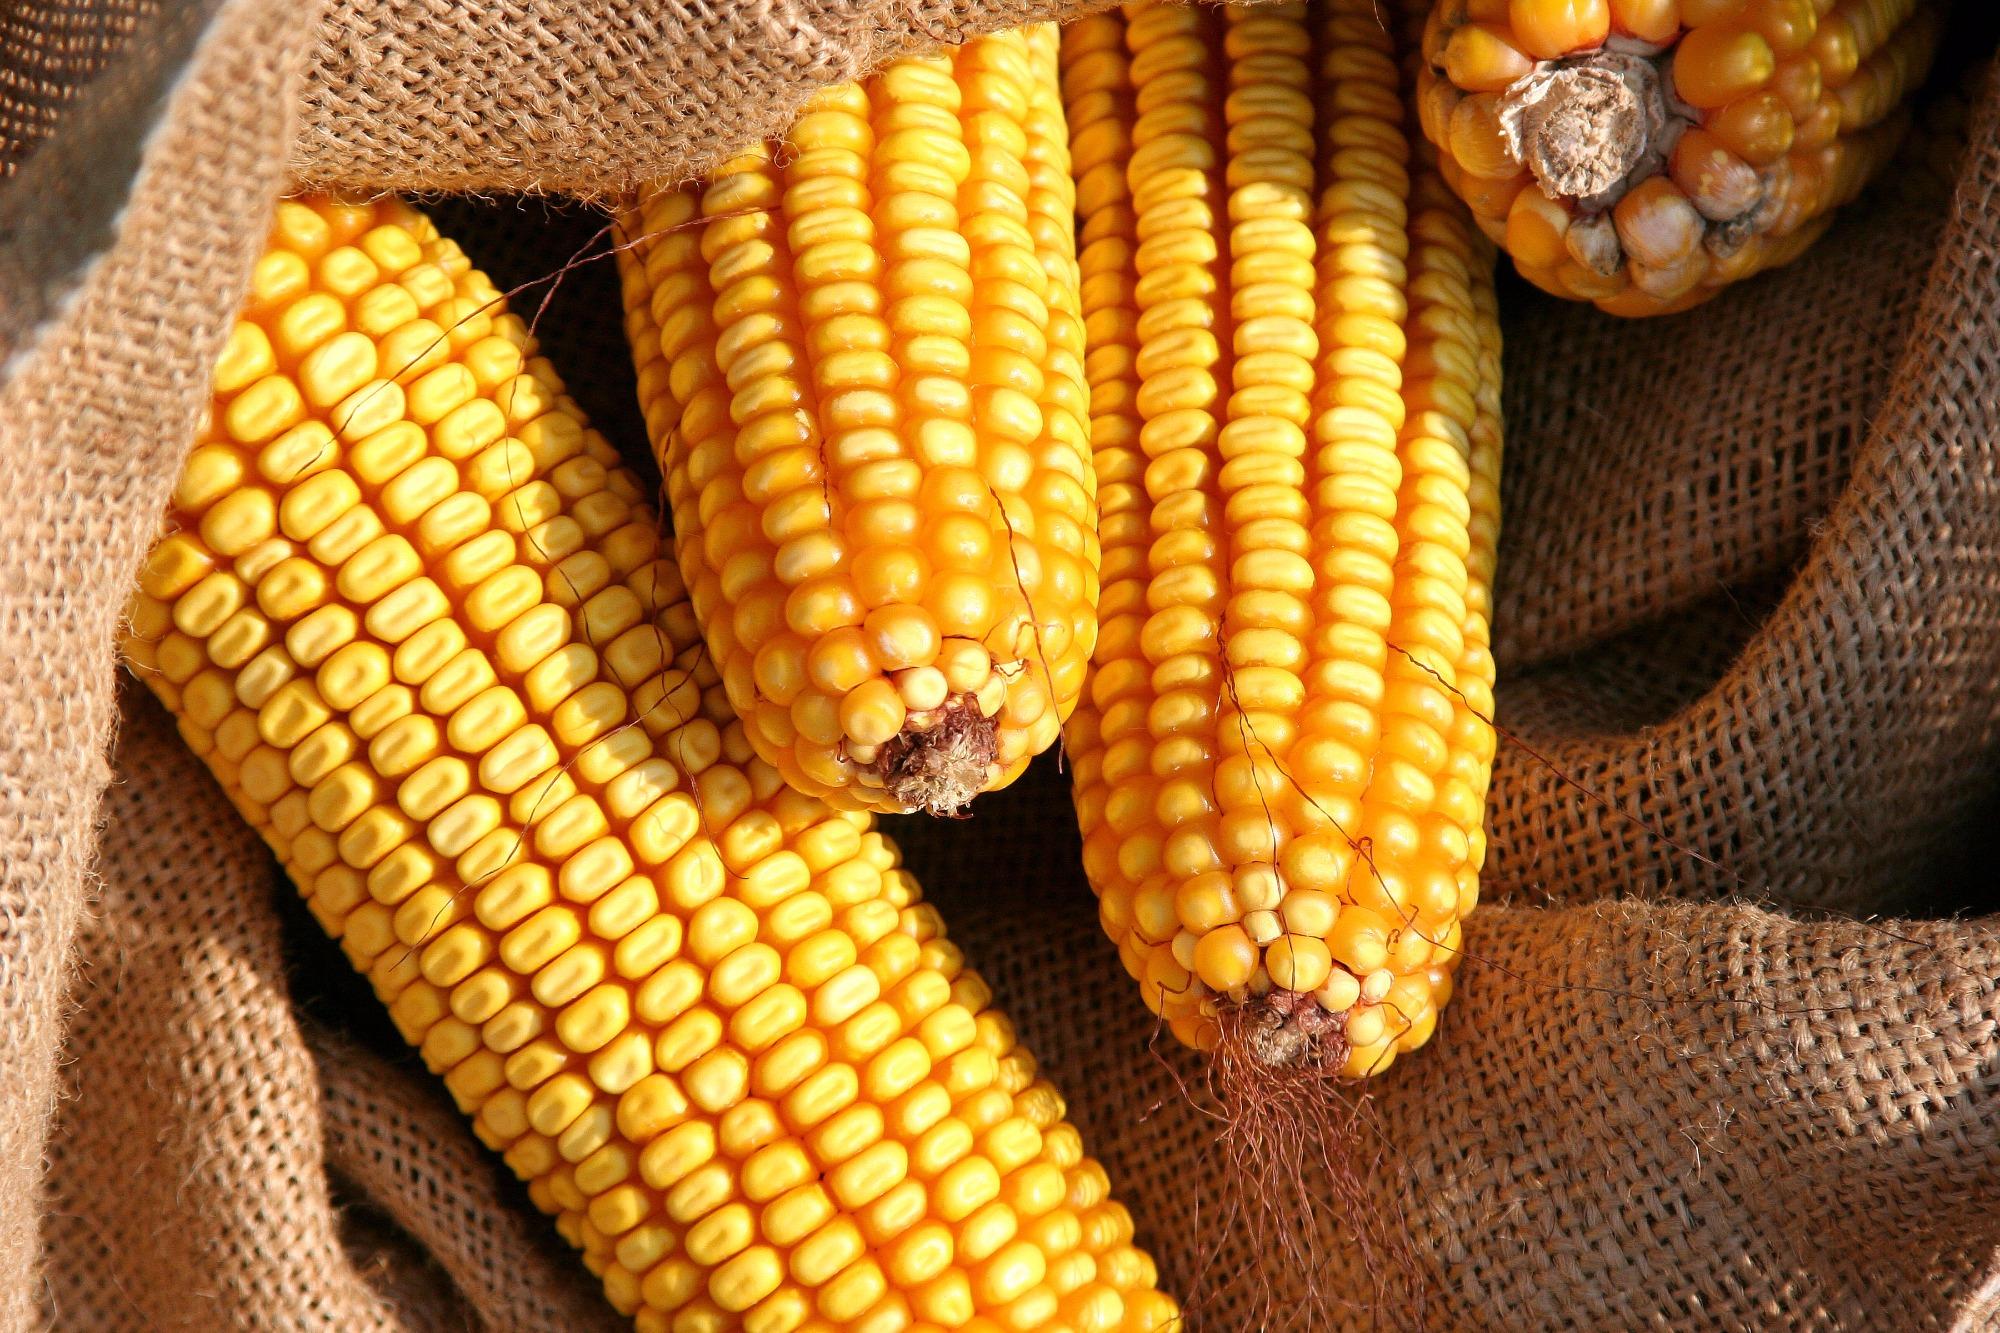 Retração vendedora e baixa liquidez sustentam altas do milho, aponta Cepea